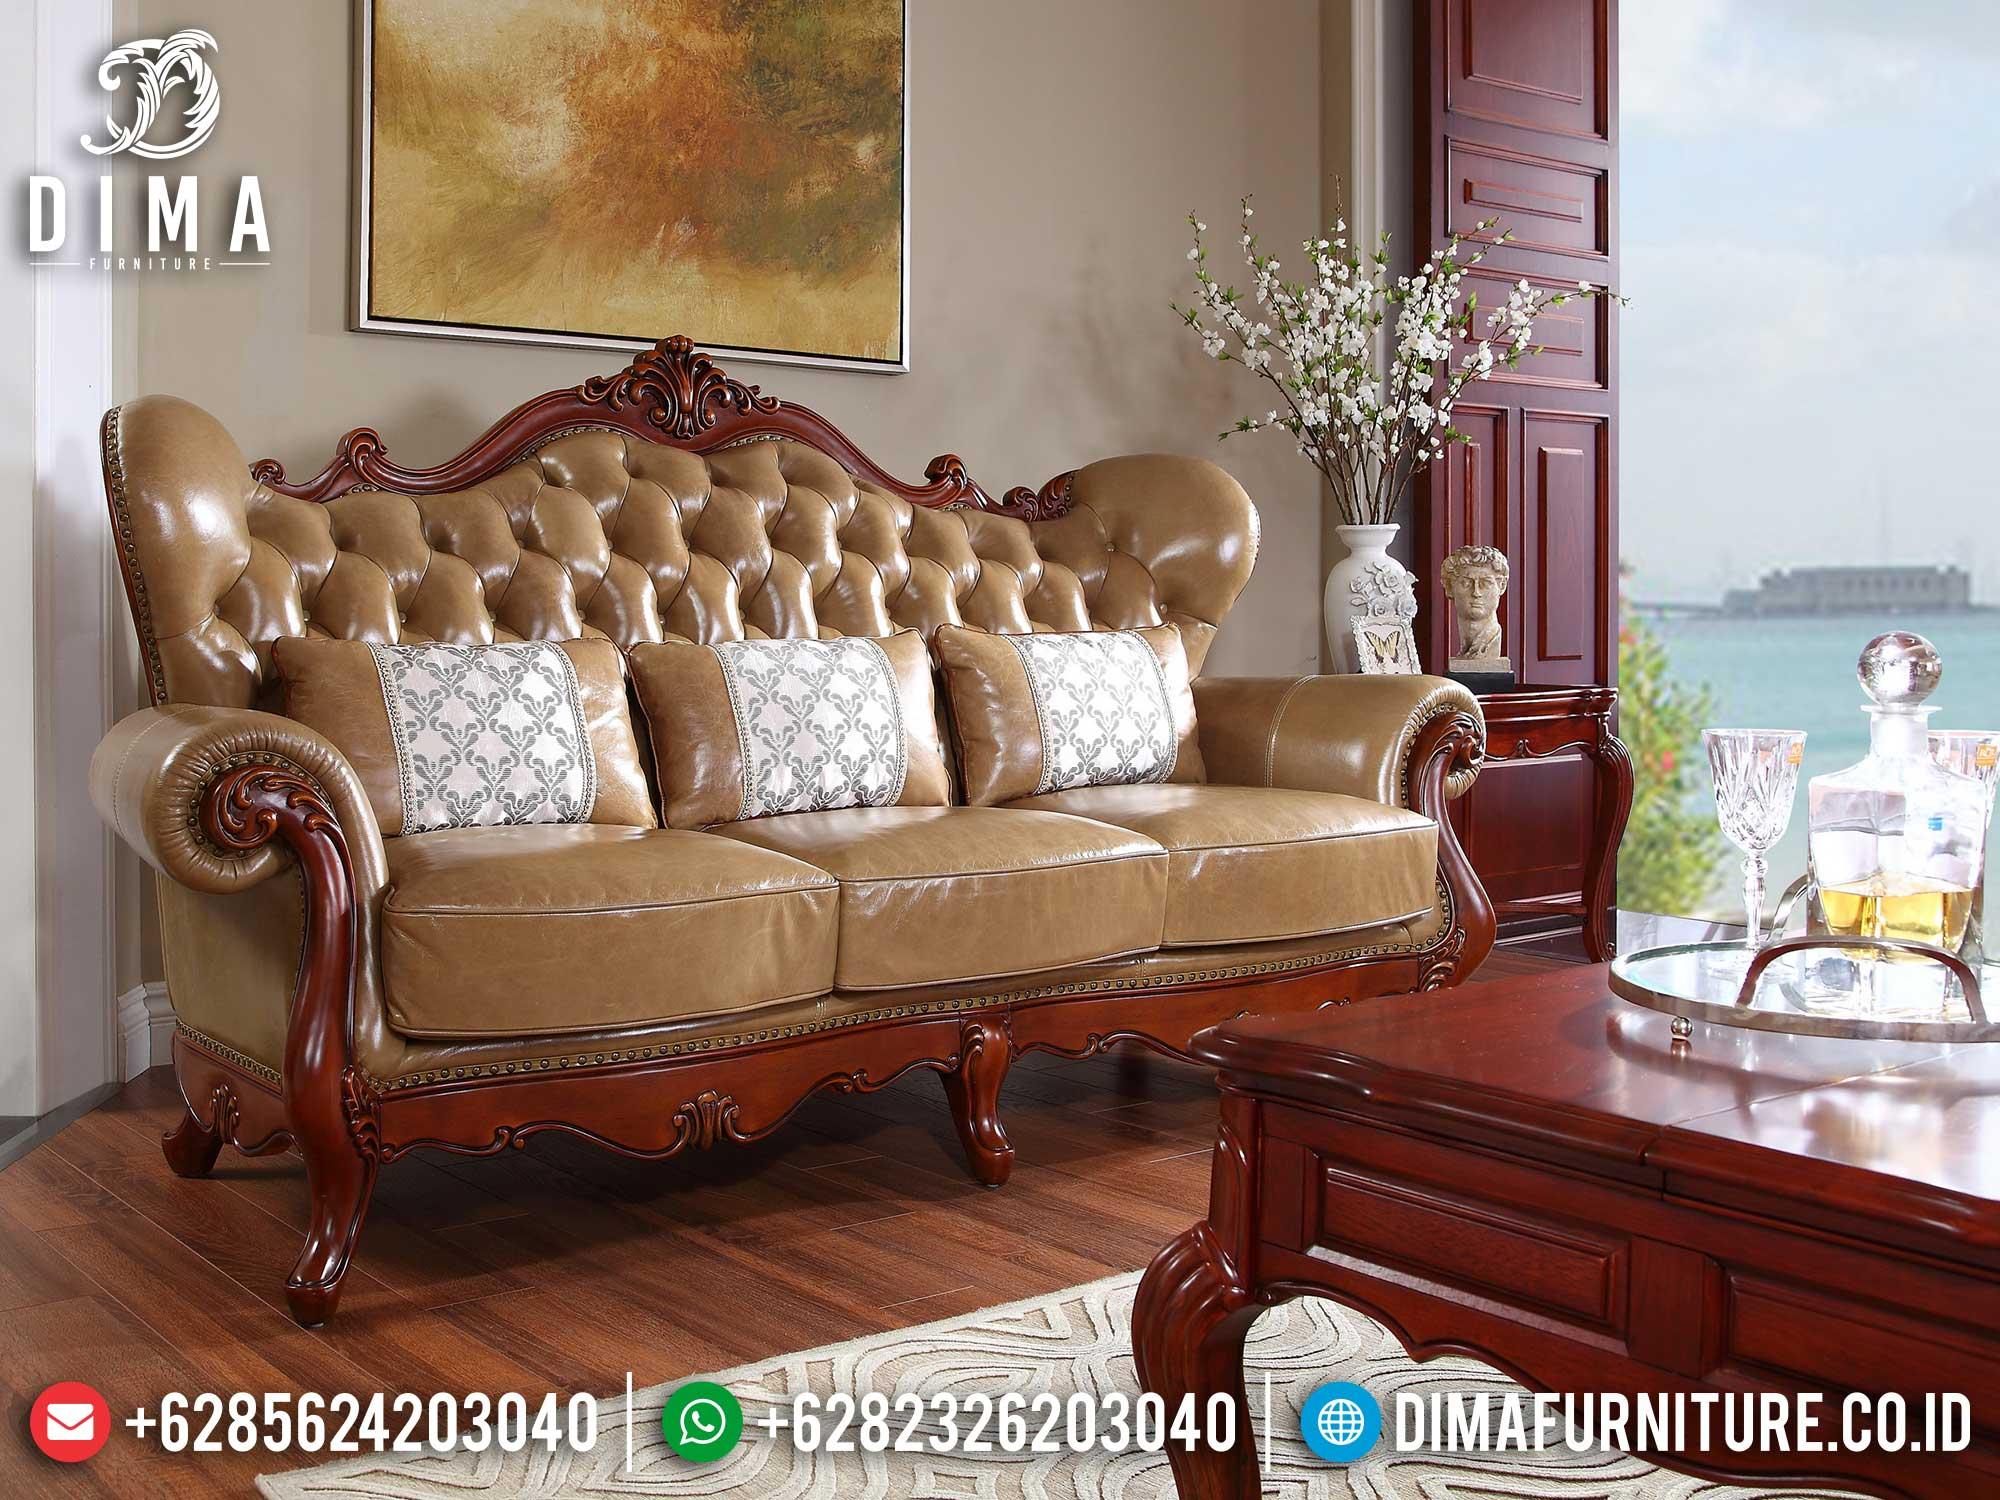 Sofa Tamu Mewah Jati Perhutani Natural Luxury Carving Jepara Terbaik Mm-0936